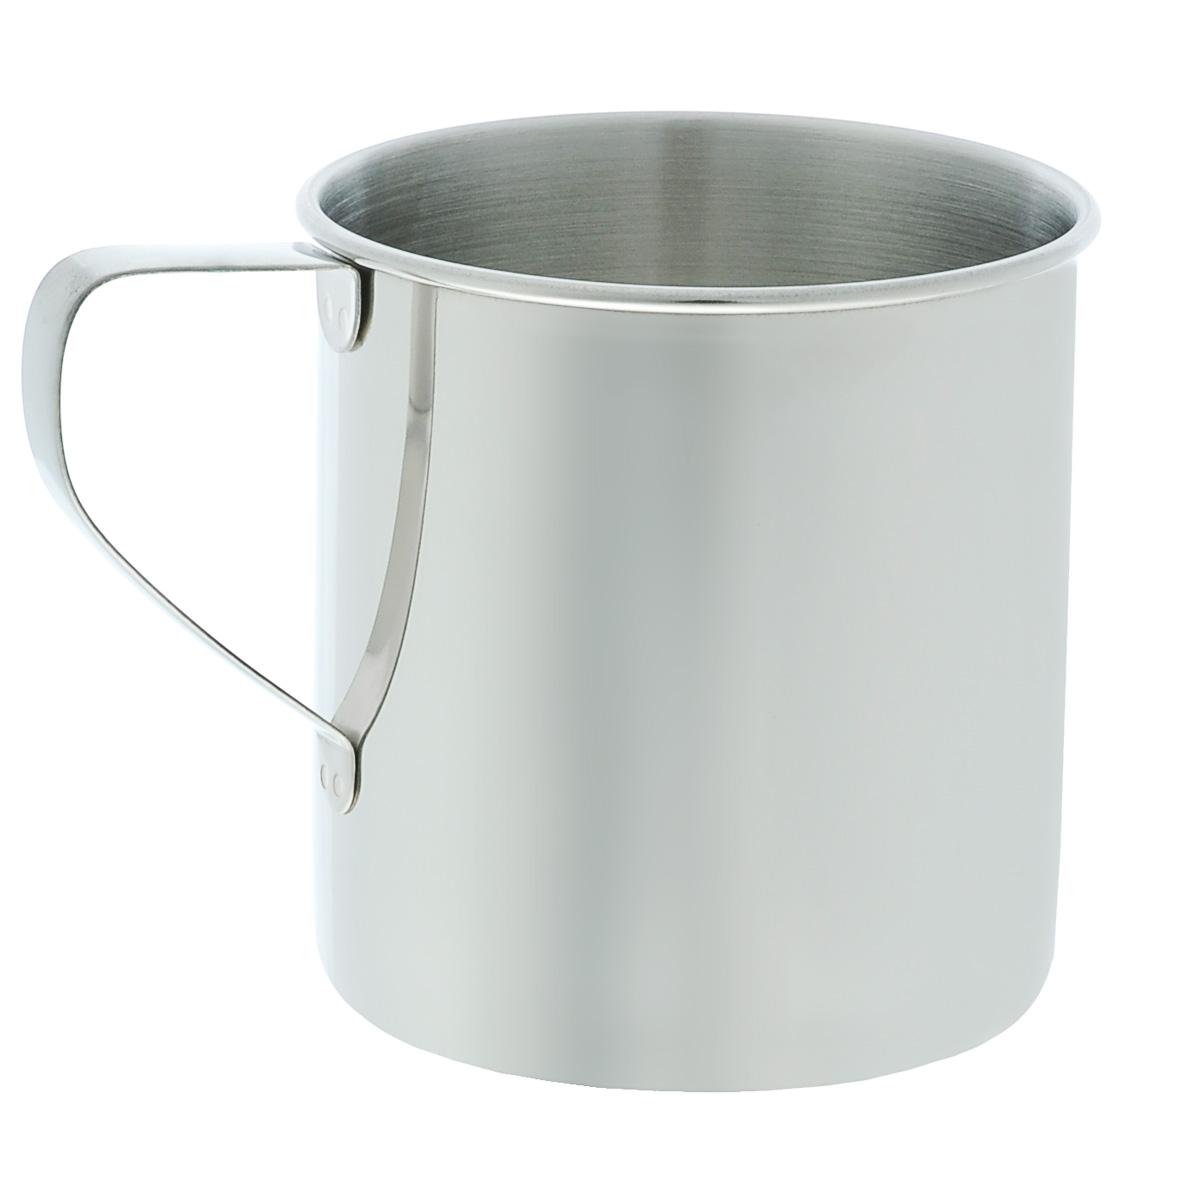 Кружка походная Tatonka Mug, 0,5 л4070.000Кружка Tatonka Mug - классическая однослойная походная кружка, выполненная из высококачественной нержавеющей стали, которая отлично распределяет тепло во время готовки. Кружка легко чистится, не имеет привкуса, устойчива к коррозии, долговечна. Внутри расположена мерная шкала.Высота кружки: 9,5 см.Диаметр: 9 см.